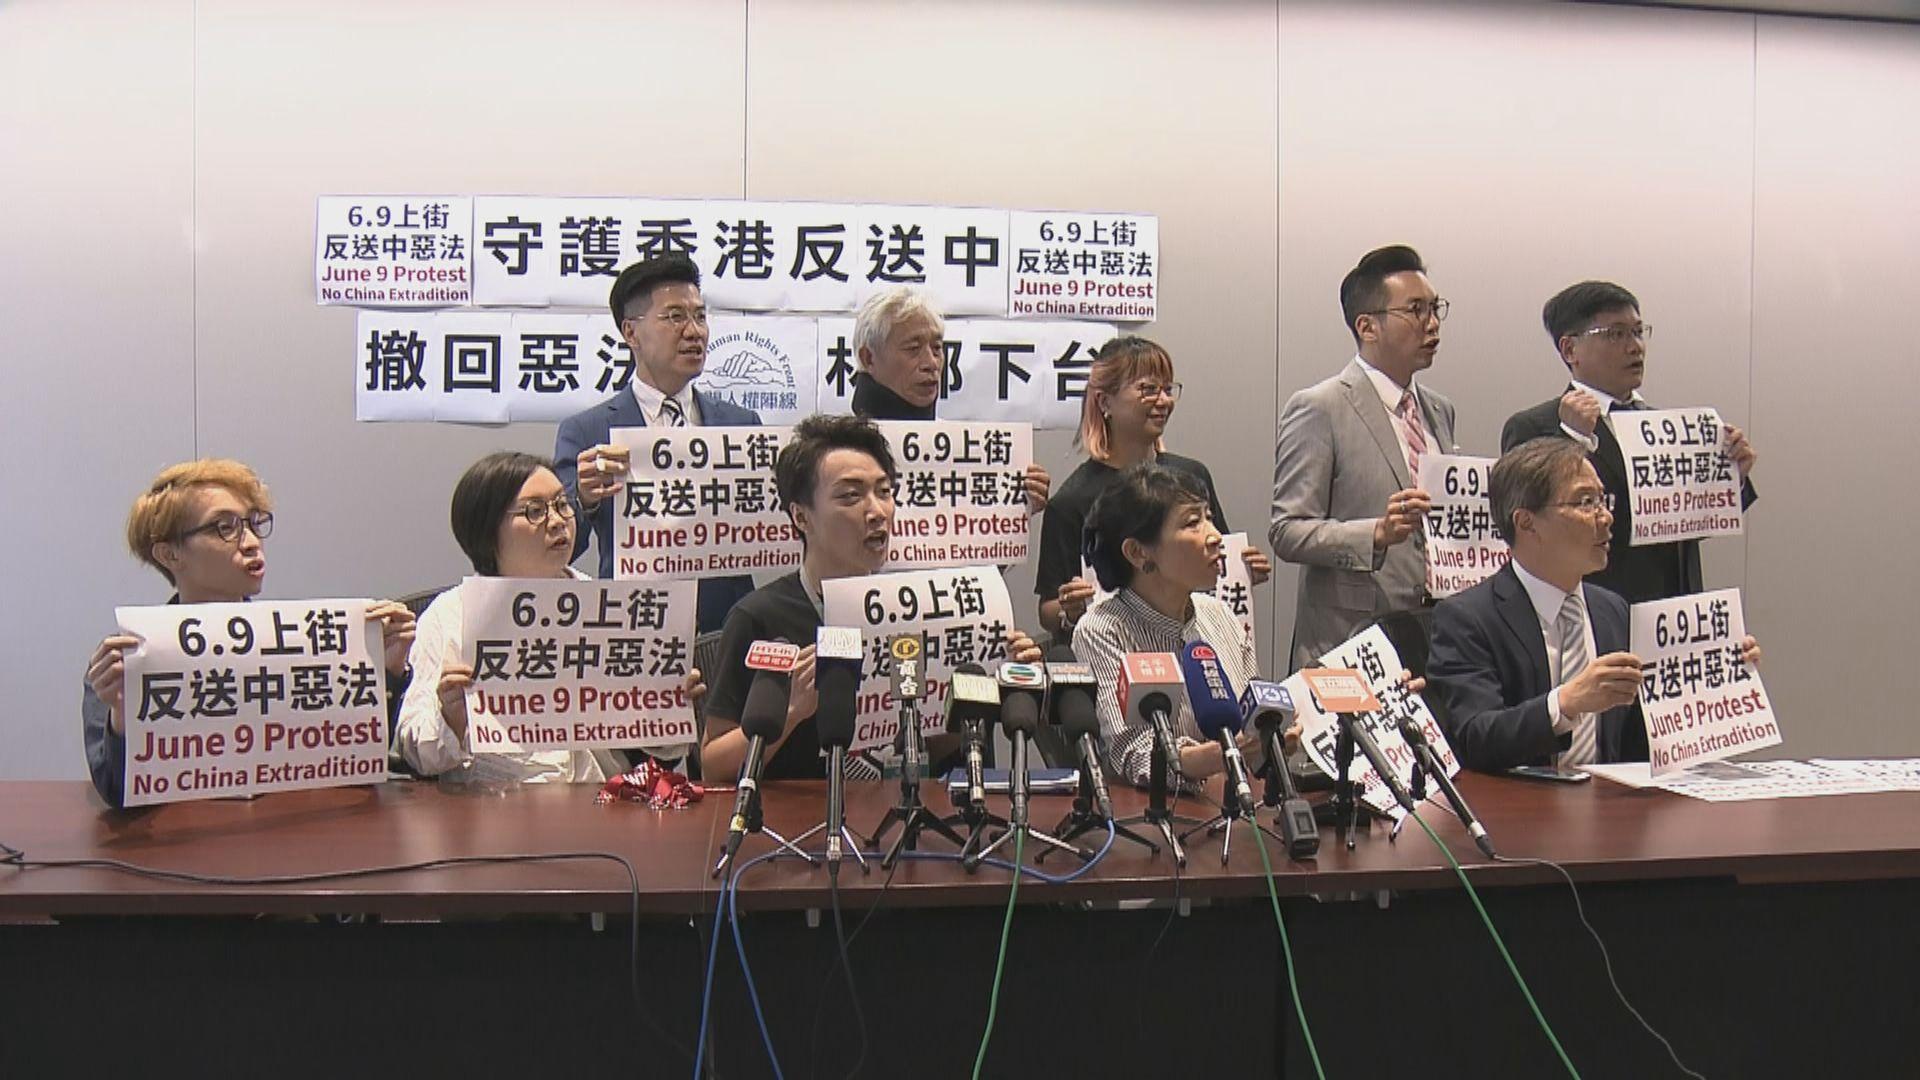 民陣周日反修例遊行 籲參與者穿白衣